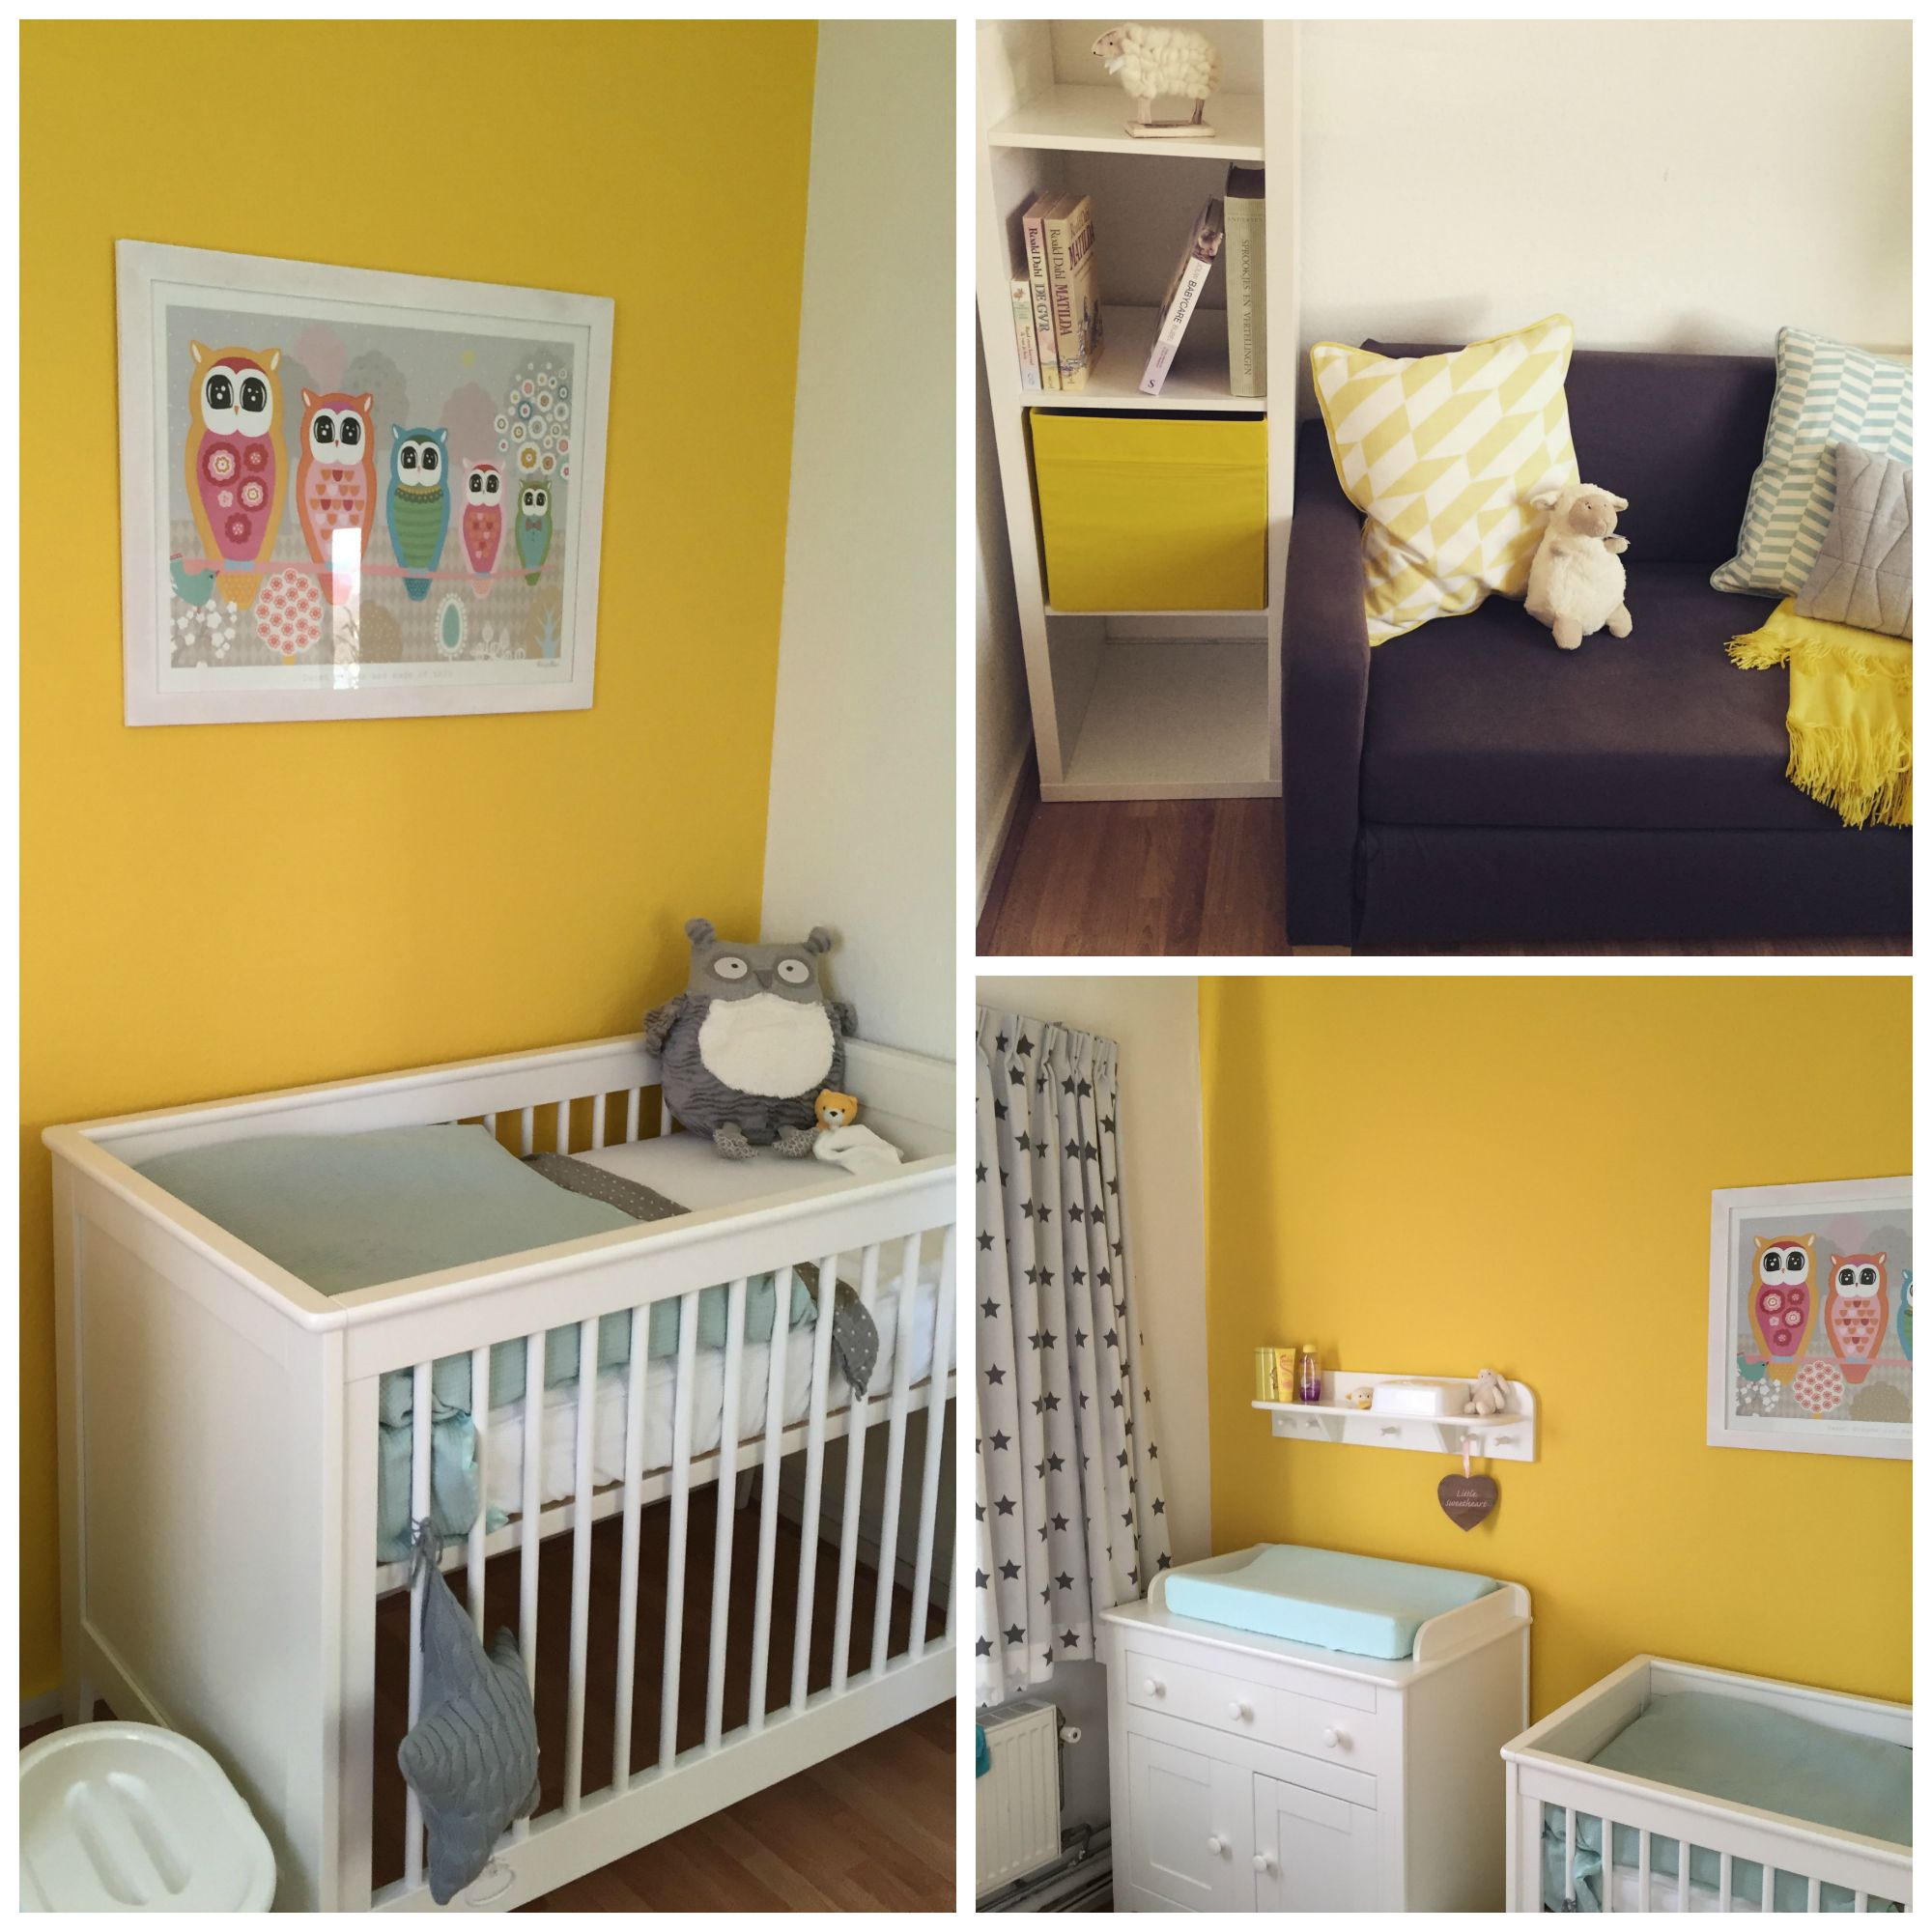 Babykamer Jip Bopita.Afbeeldingsresultaat Voor Babykamer Geel Babykamer Pinterest